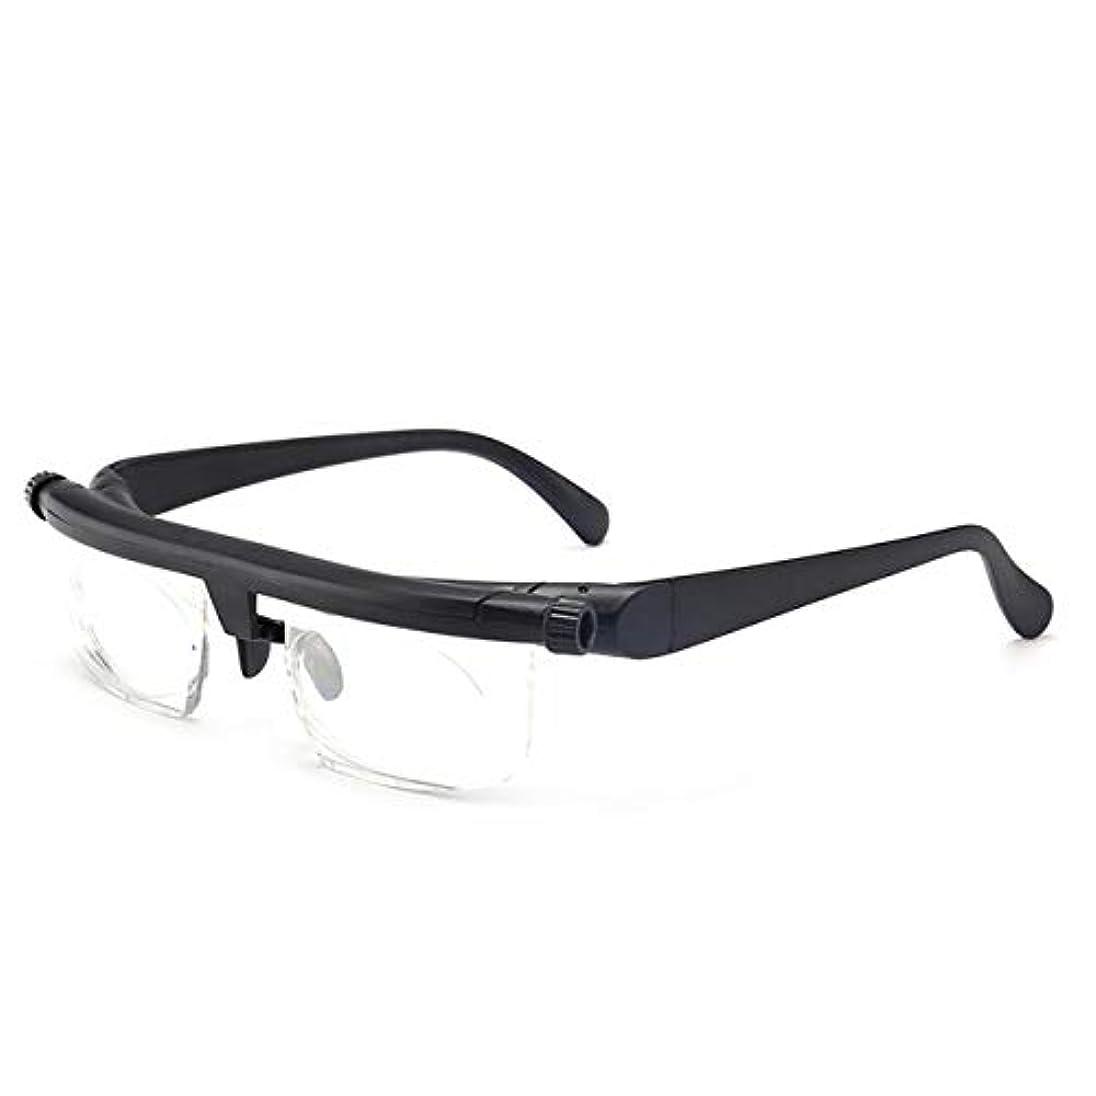 バージンプラグランドマーク軽量調節可能な老眼鏡近視眼鏡-6D?+ 3Dジオプトリー可変強度フォーカスビジョンを拡大(カラー:ブラック&クリア)